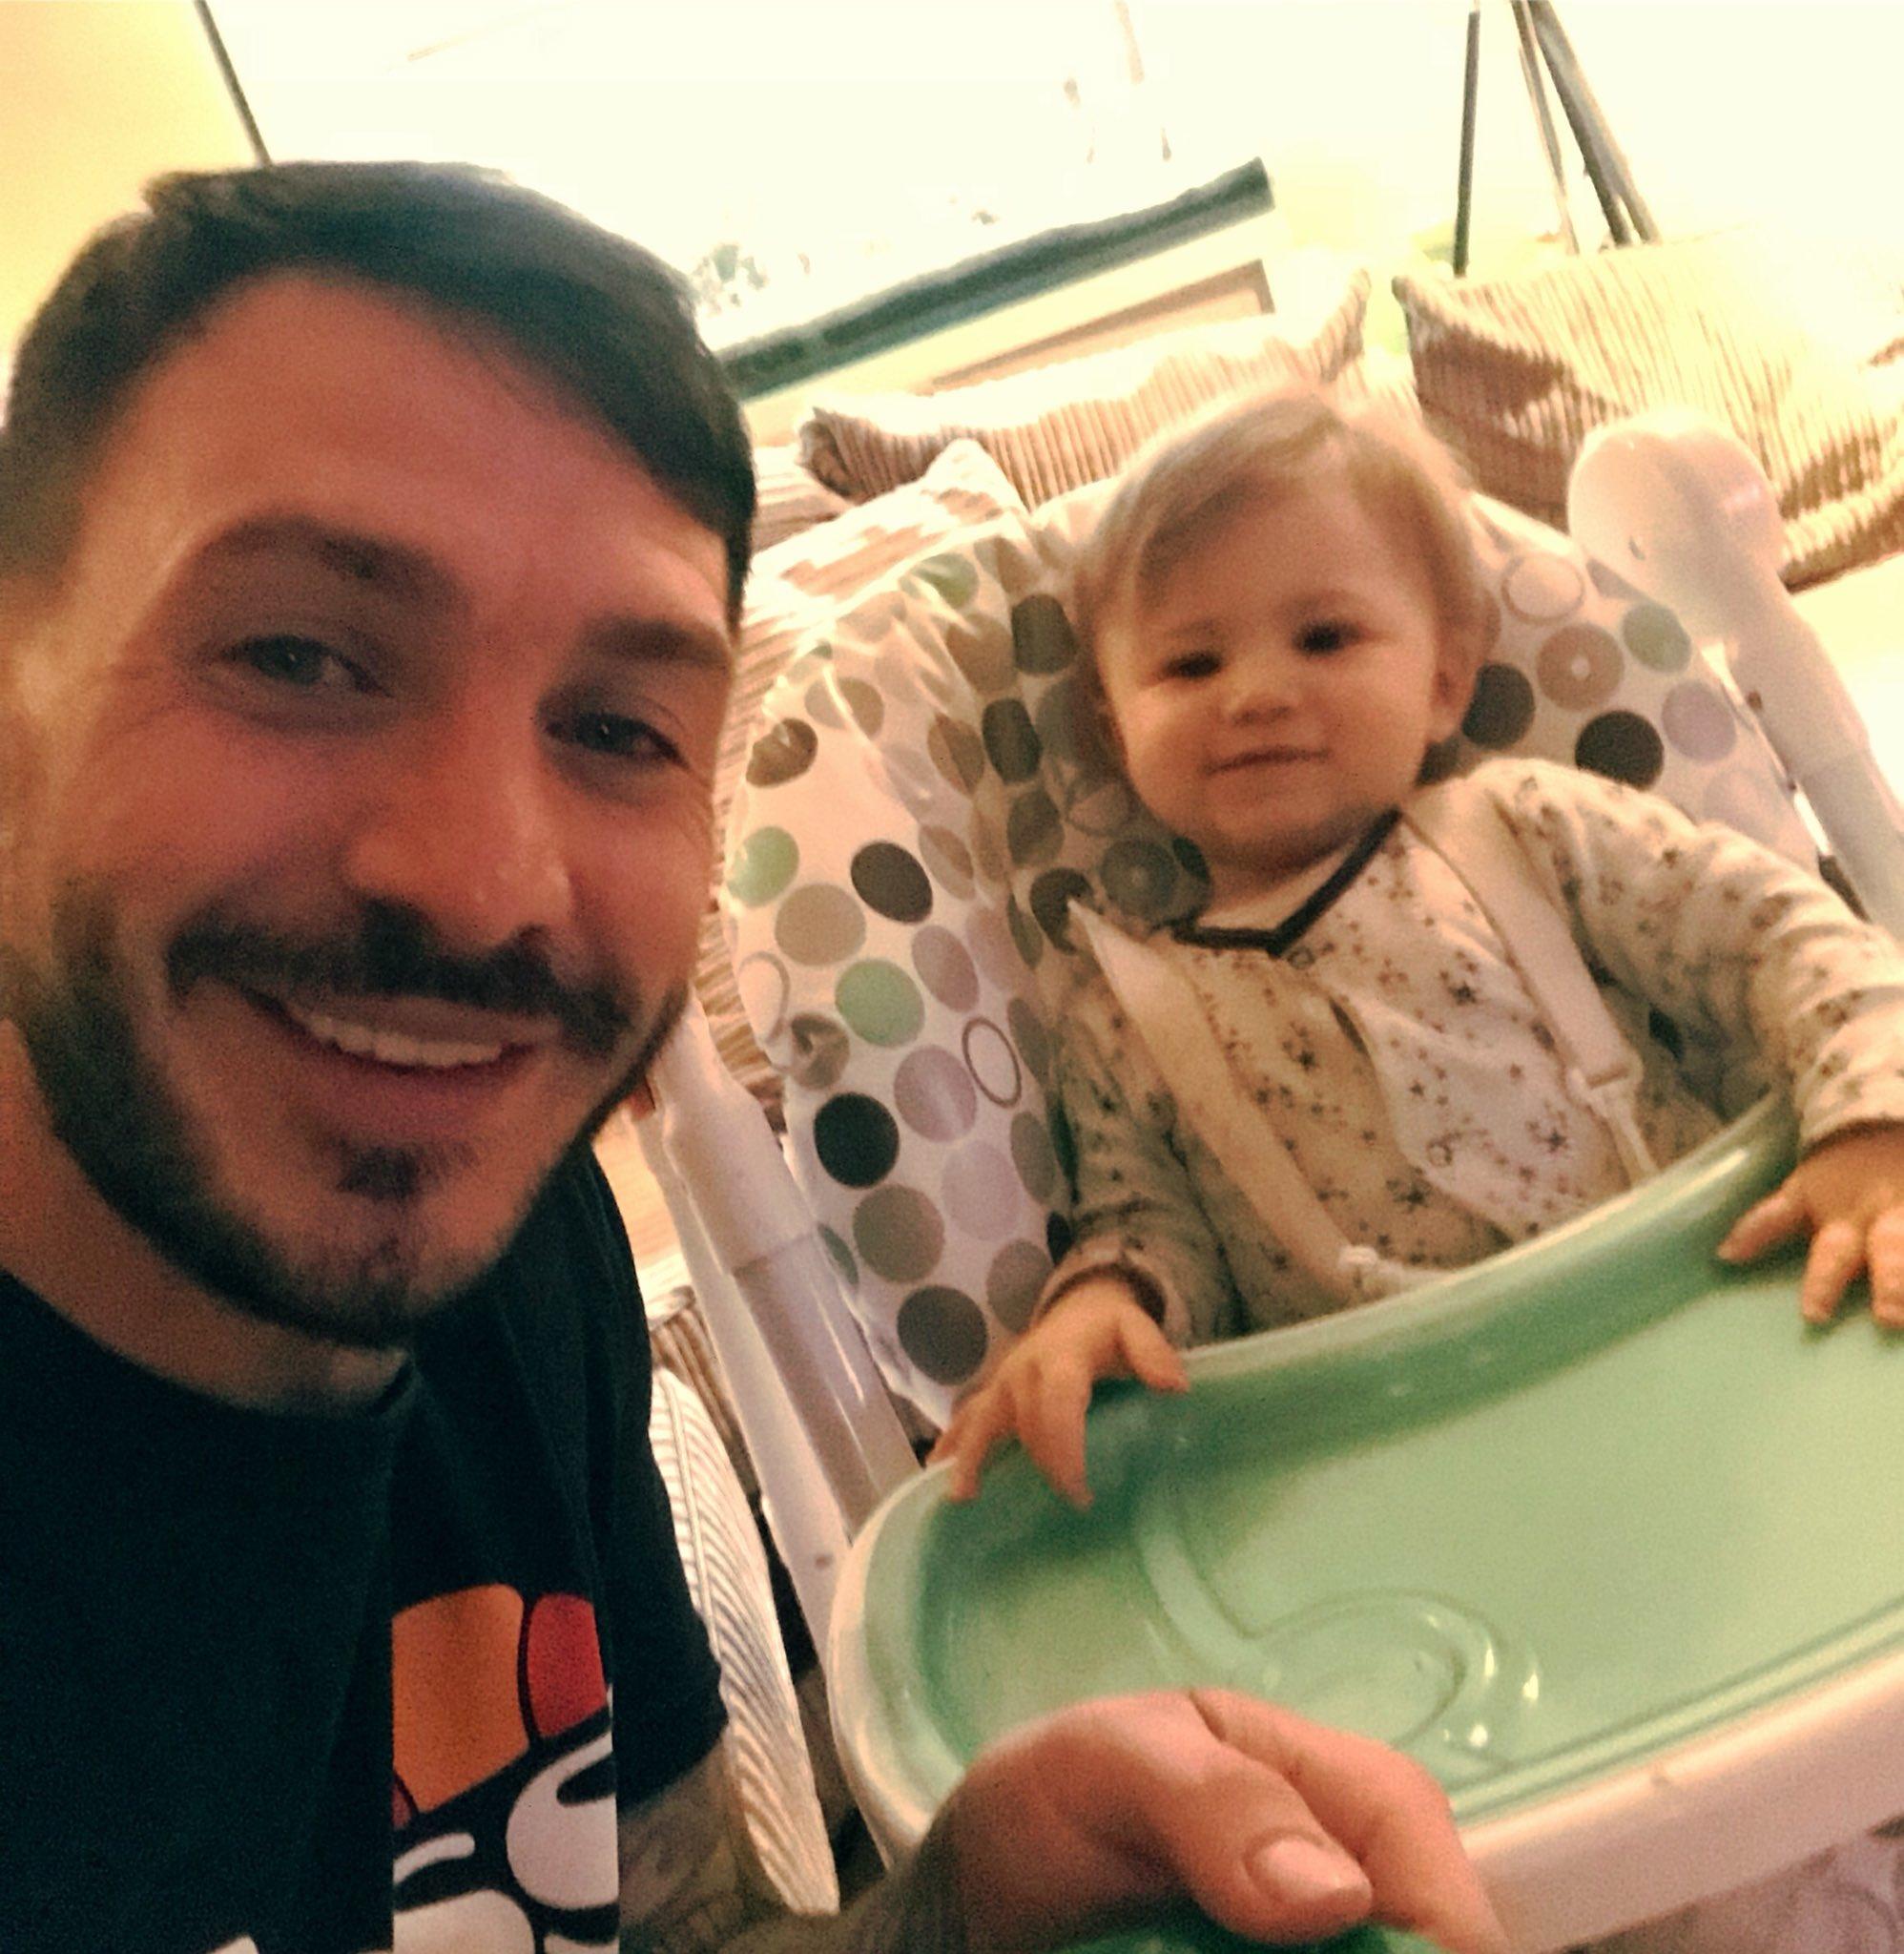 Dinner time for the little man! 👶🏼💜 https://t.co/SUzVkFxXKX